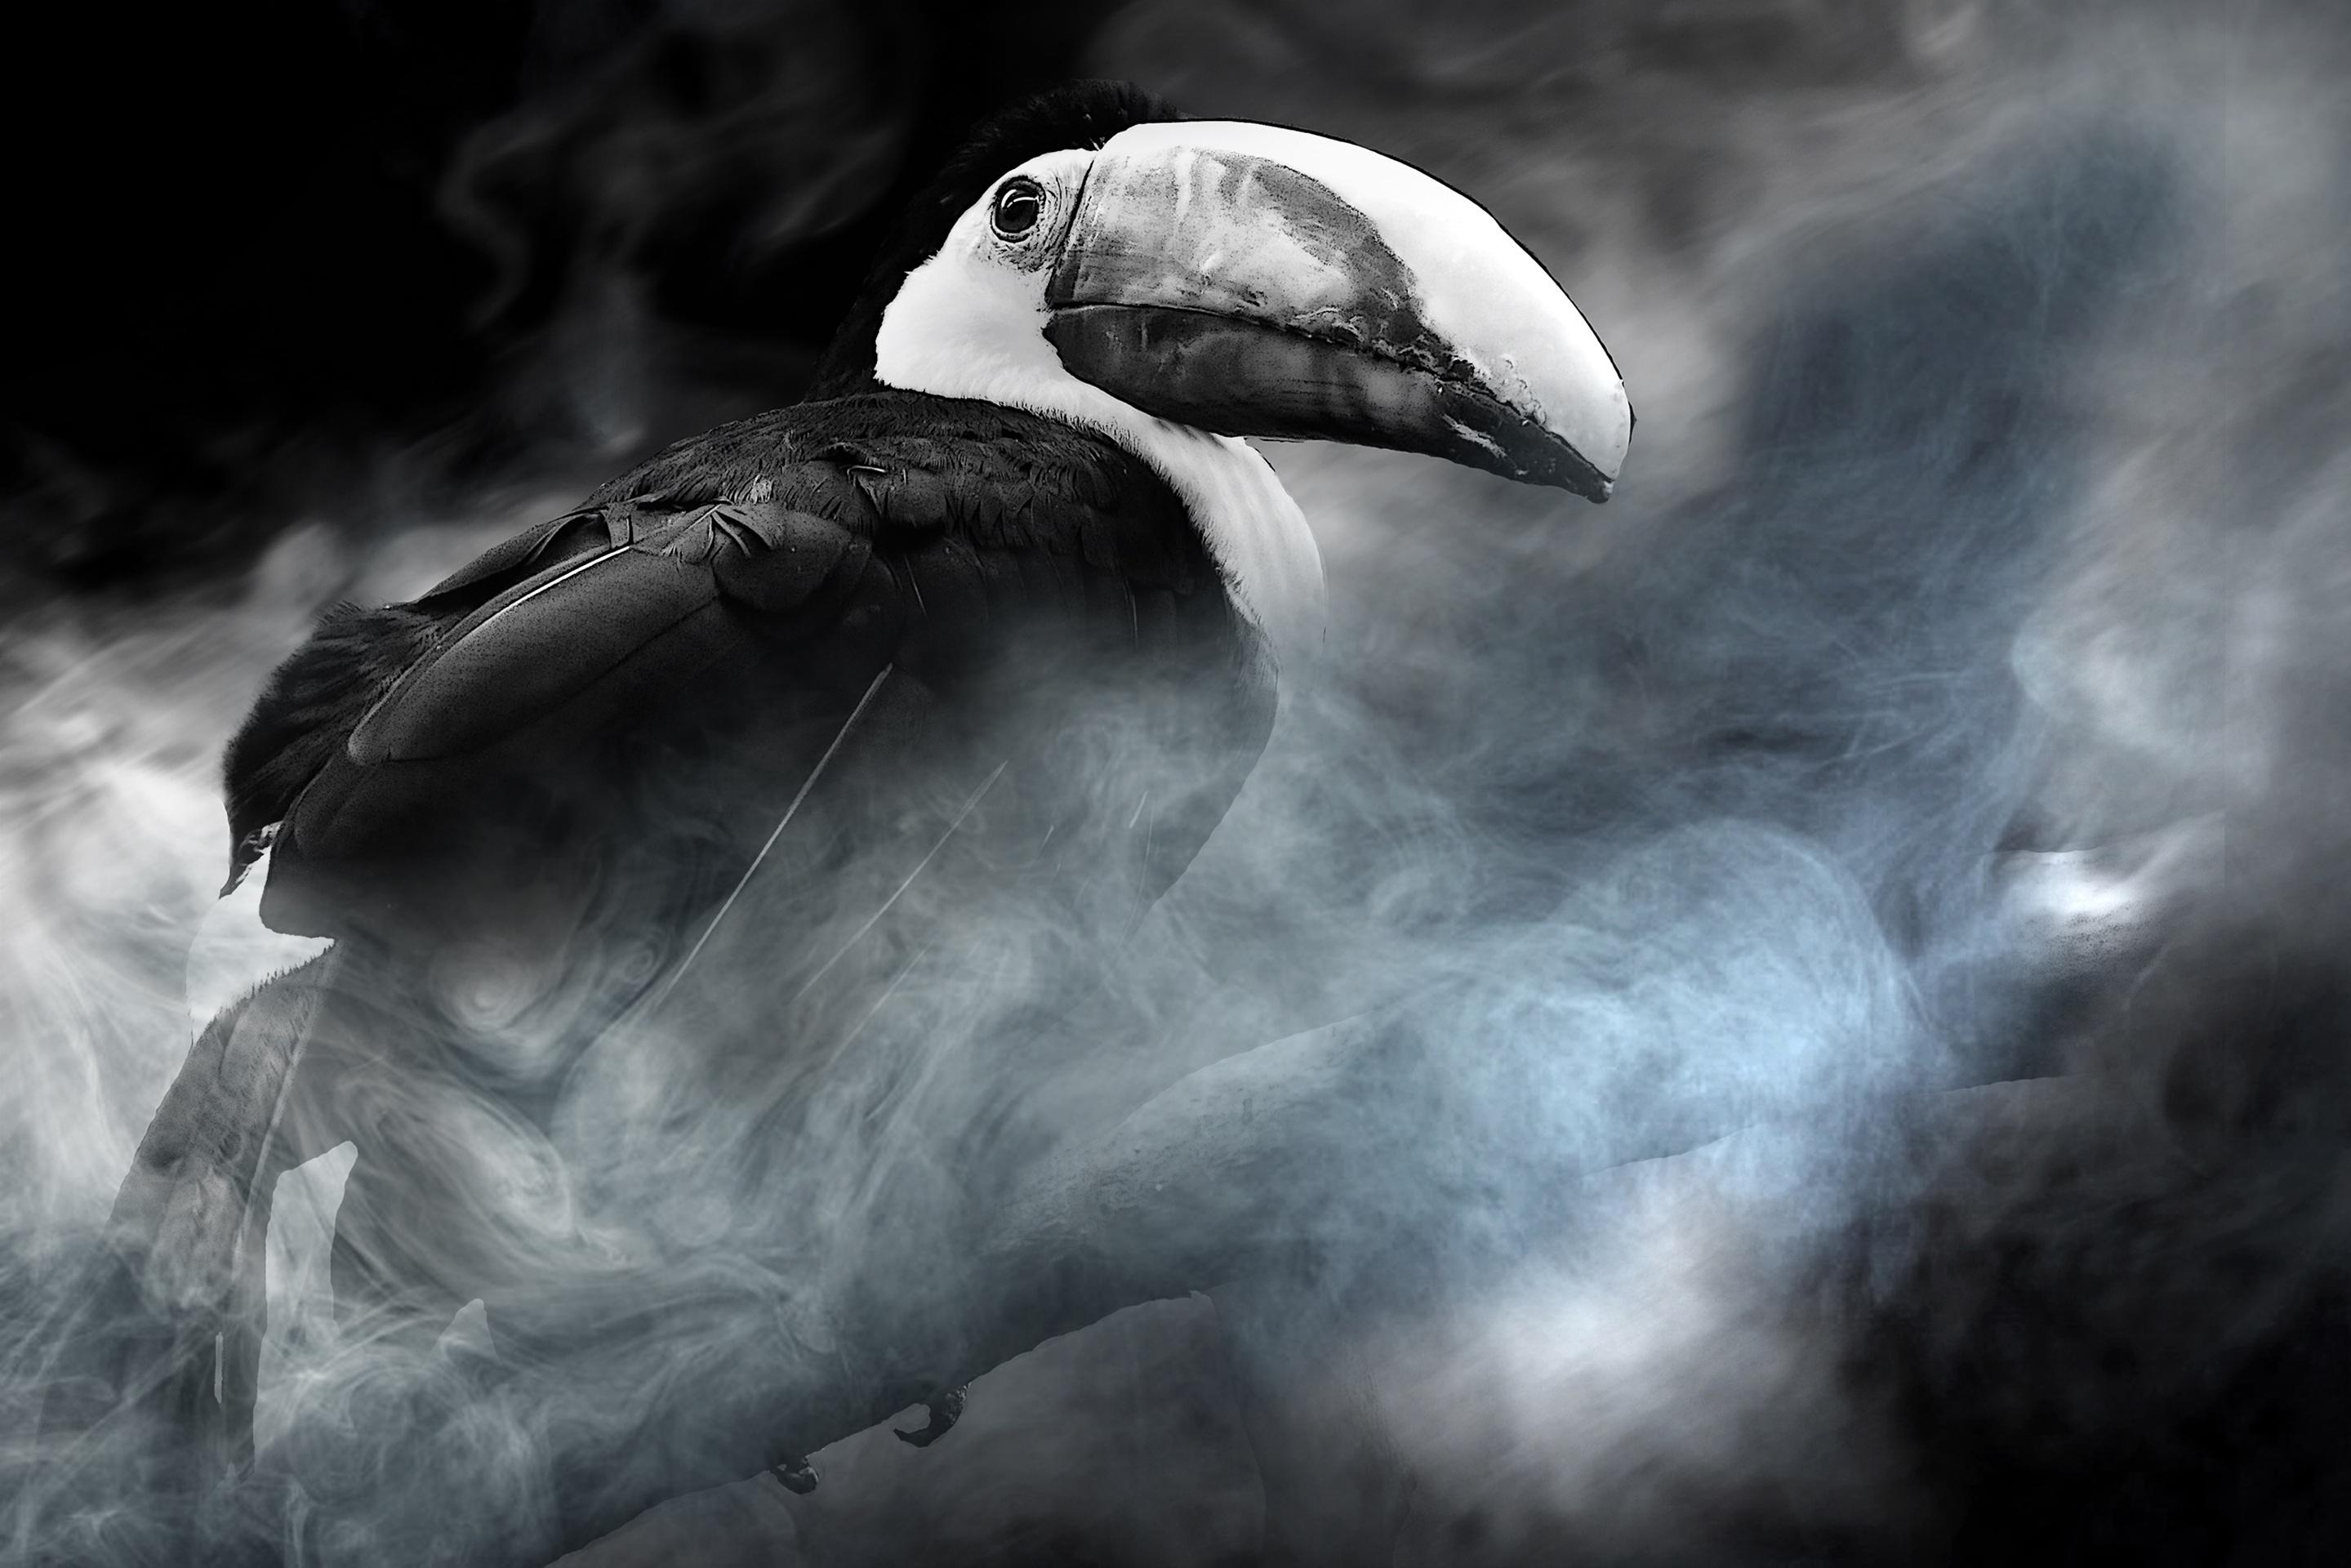 μεγάλο μαύρο πουλί δωρεάν φωτογραφίες